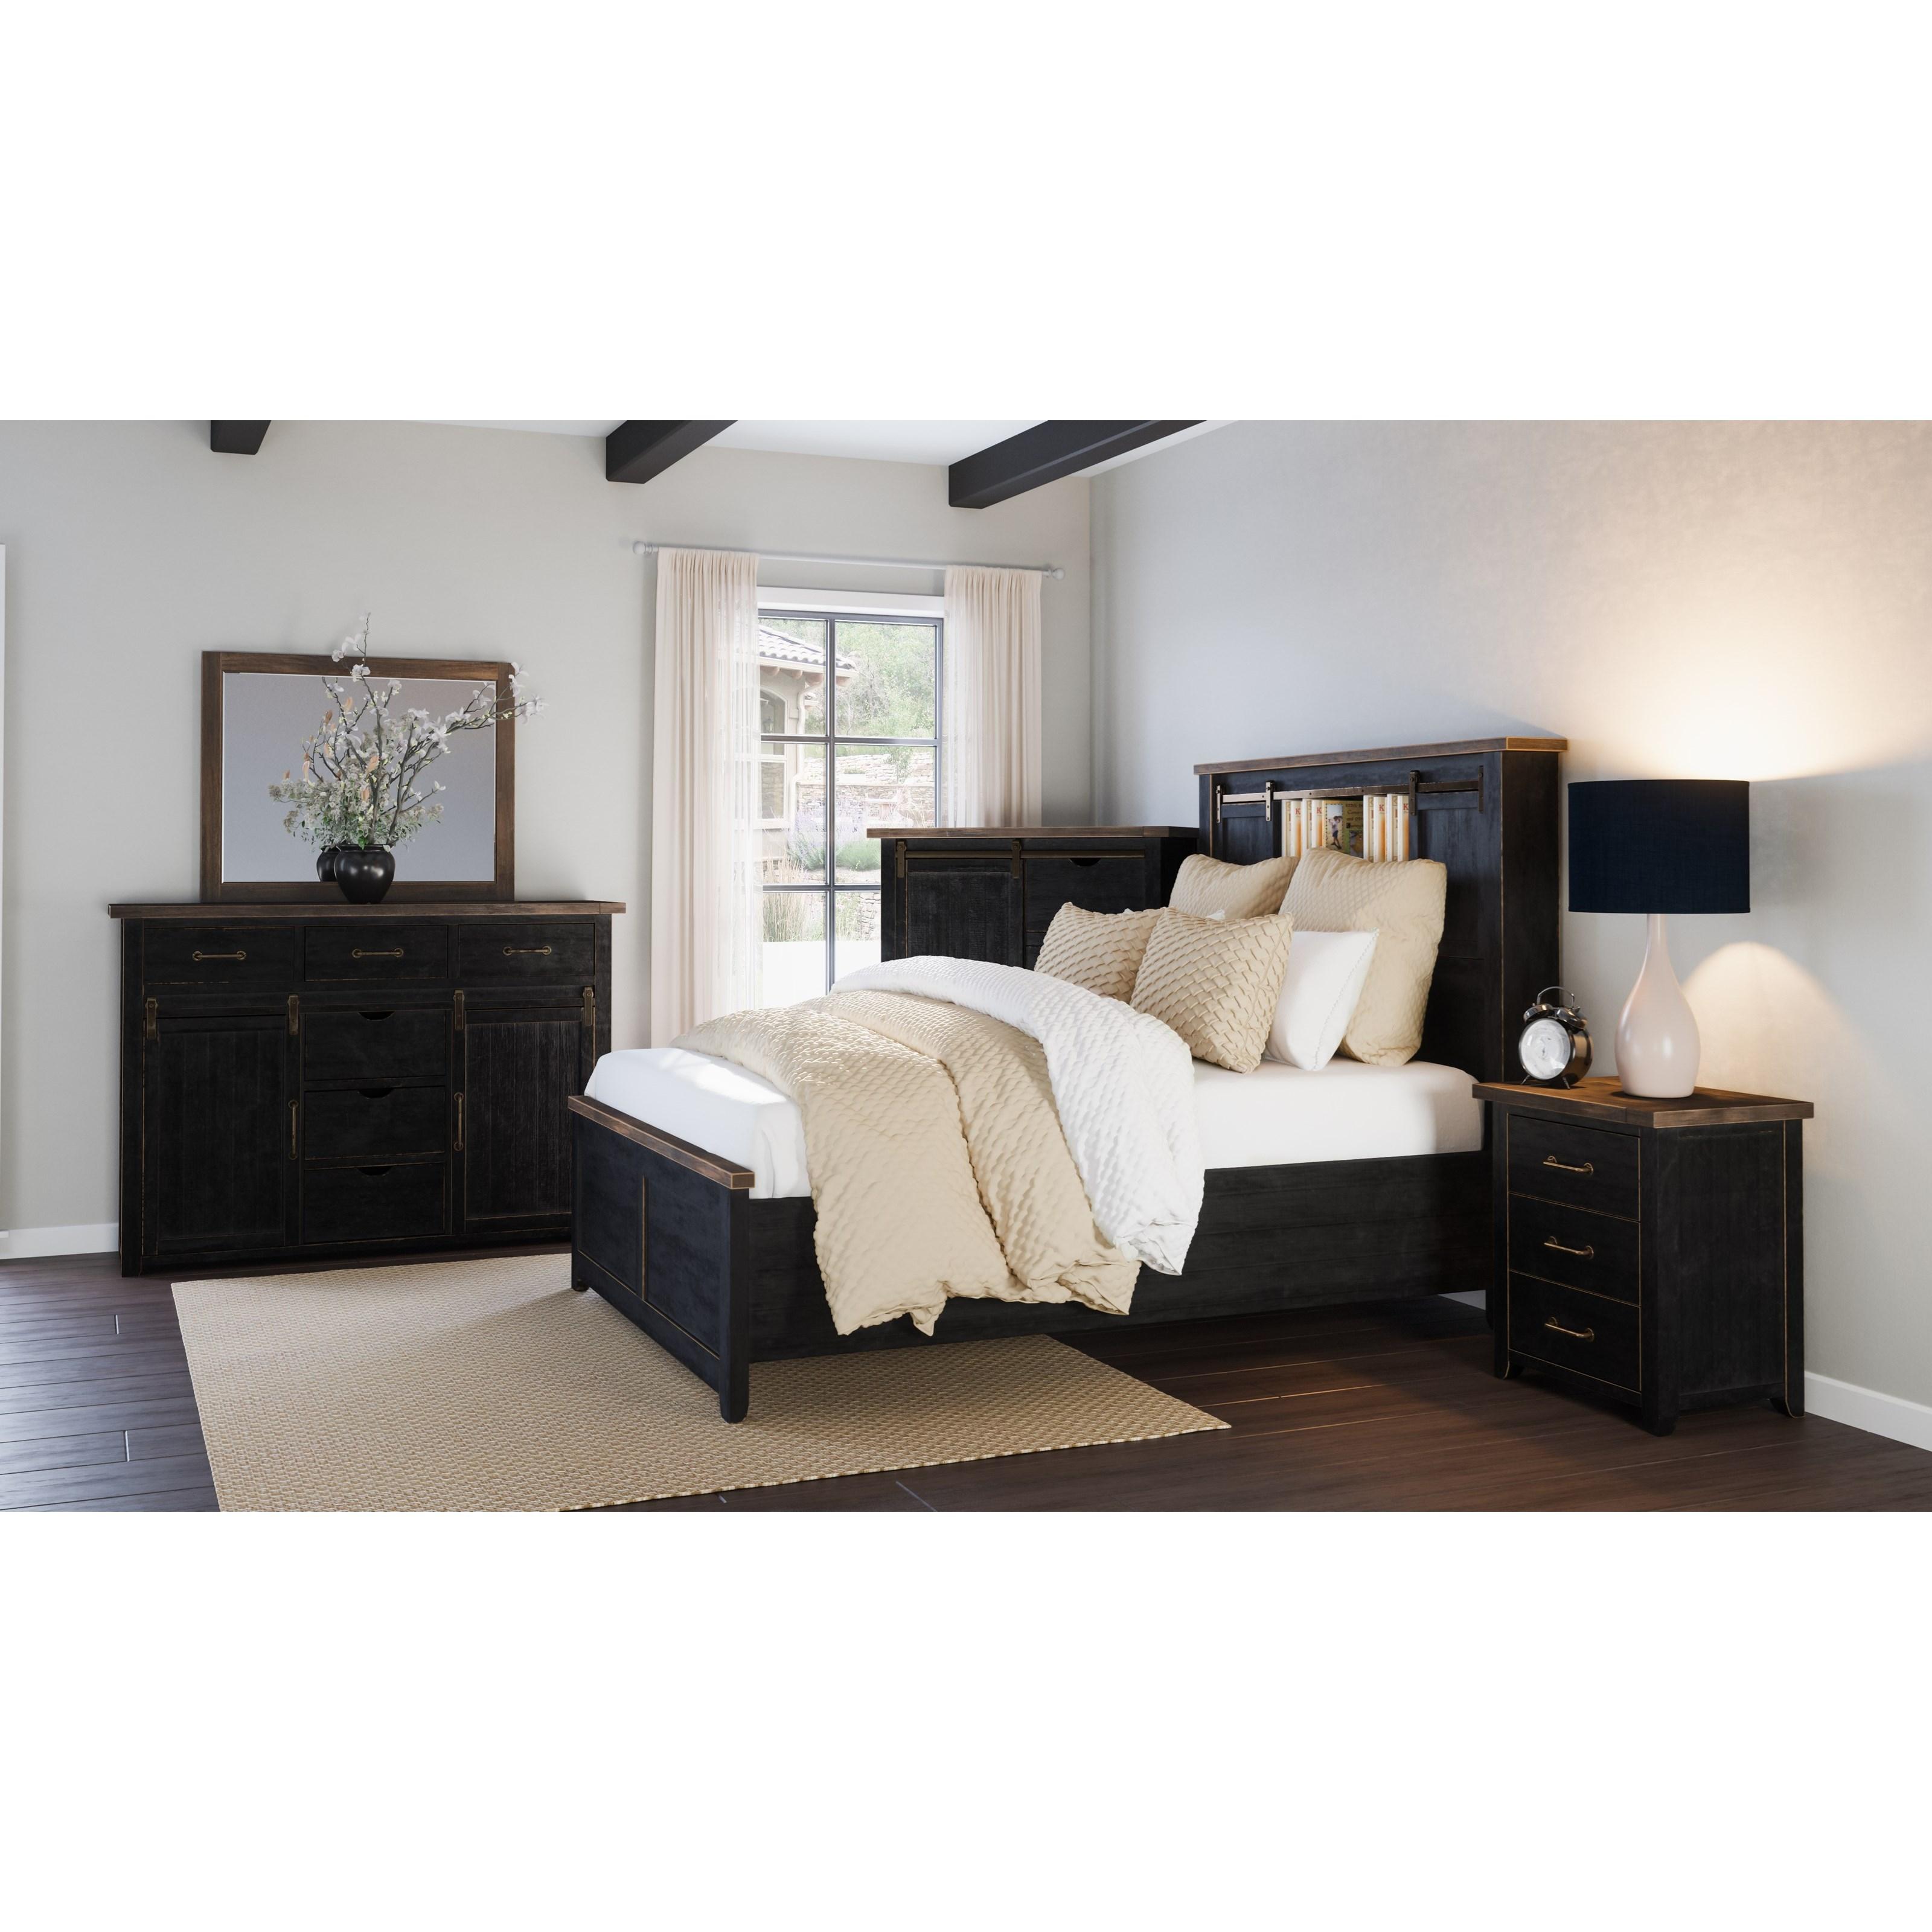 Madison County King Bedroom Group by Jofran at Jofran